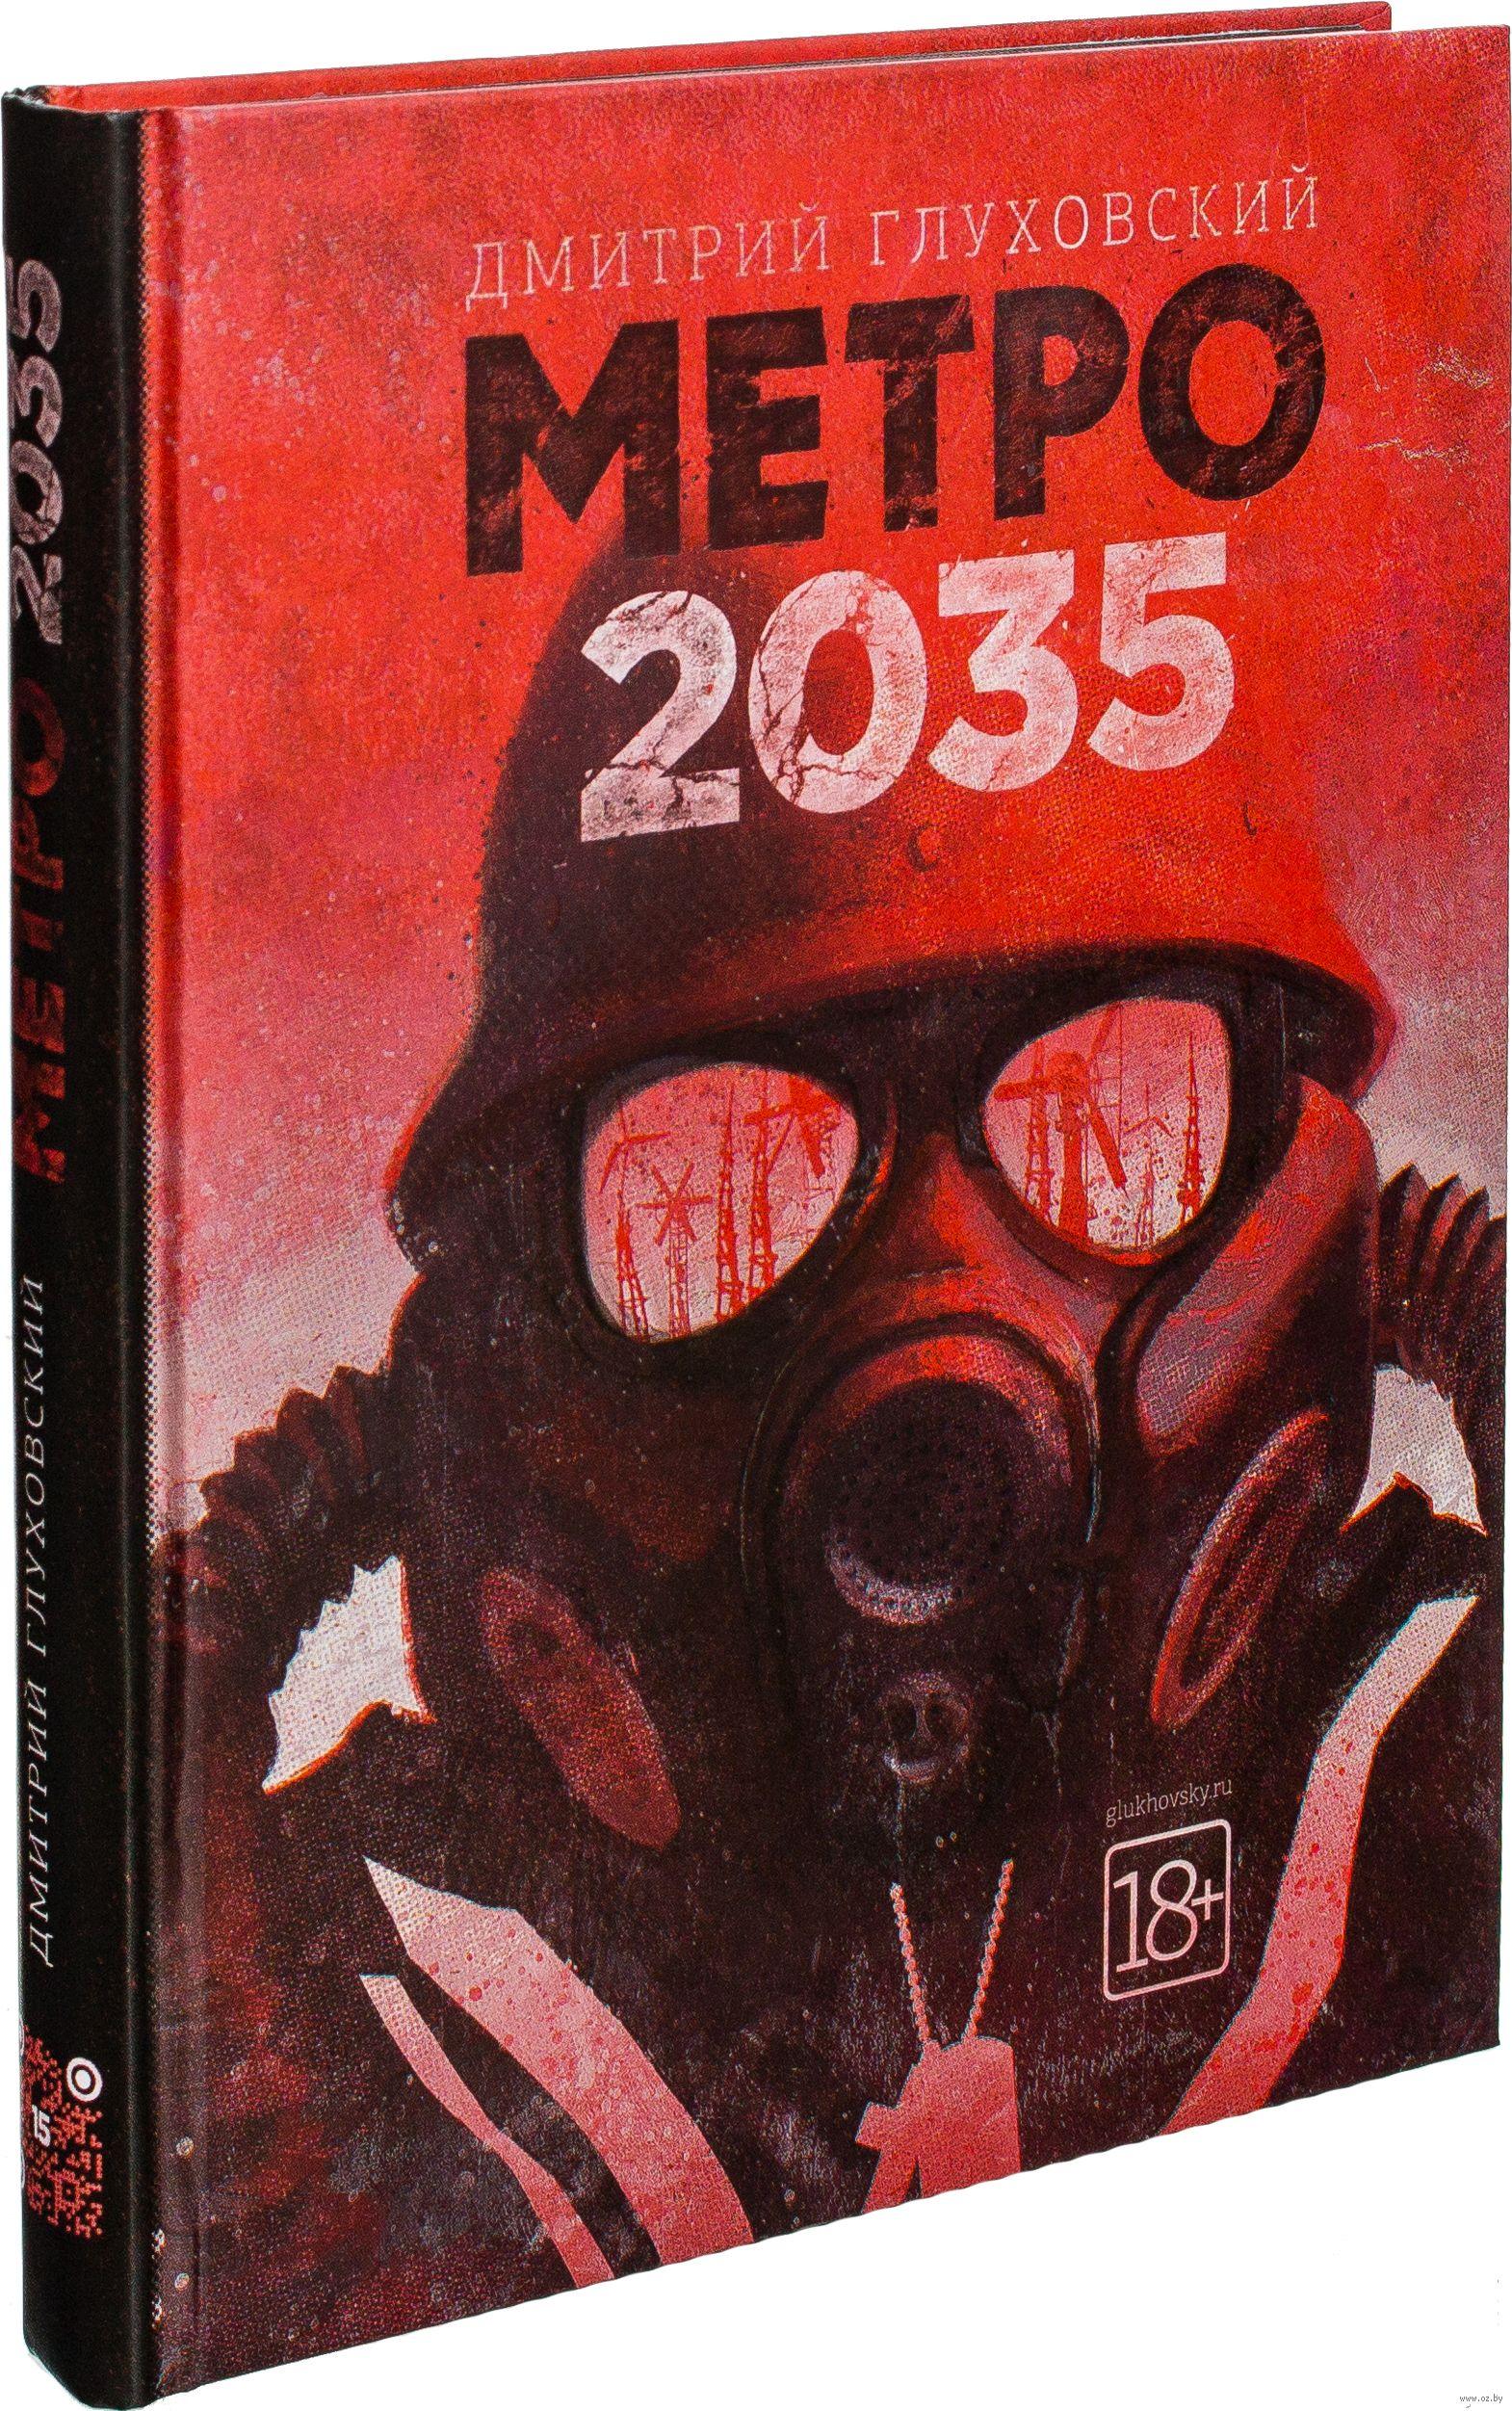 ГЛУХОВСКИЙ МЕТРО 2035 СКАЧАТЬ БЕСПЛАТНО